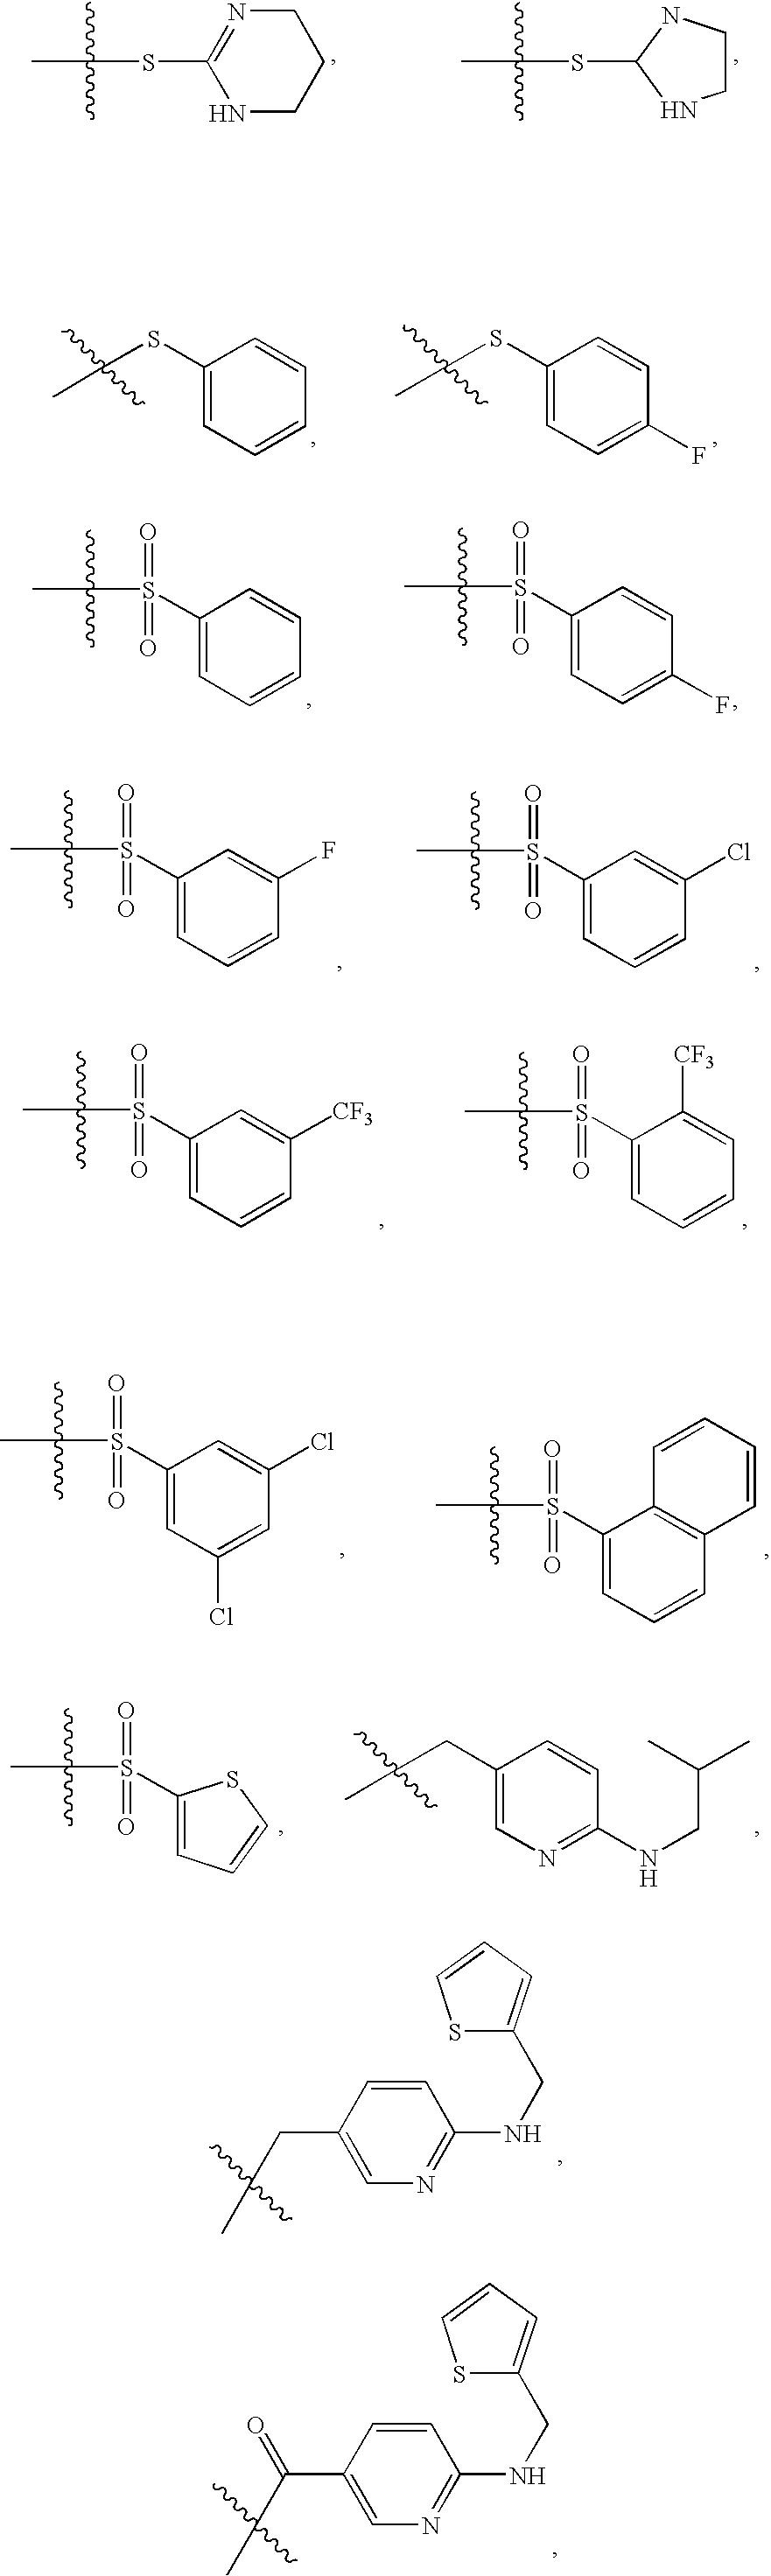 Figure US20100249118A1-20100930-C00034